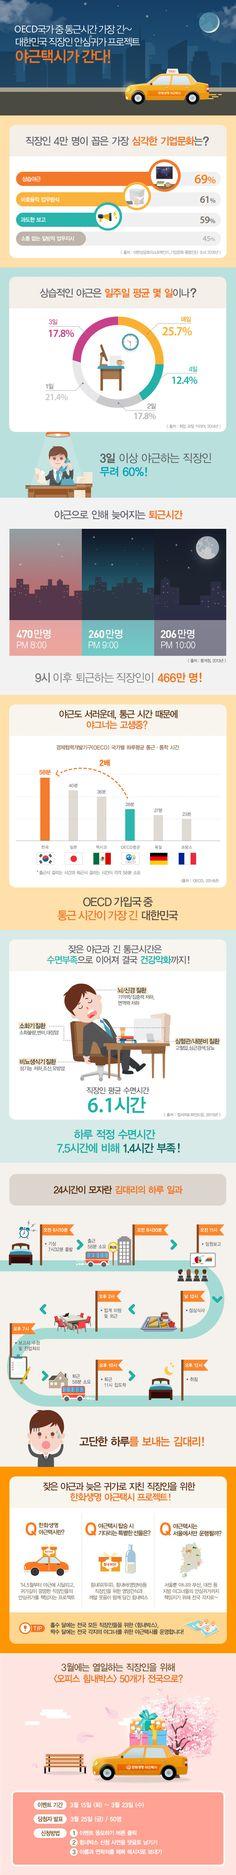 야근택시는 한화생명이 진행한 잦은 야근에 지친 직장인을 위한 이벤트로, 본 인포그래픽은 직장인의 근무시간에 대한 다양한 통계 정보와 야근택시 이벤트의 취지와 신청 방법 등의 홍보 내용을 담고 있습니다. Web Design, Graphic Design, Infographics, Korean, Infographic, Korean Language, Info Graphics, Infographic Illustrations, Visual Communication